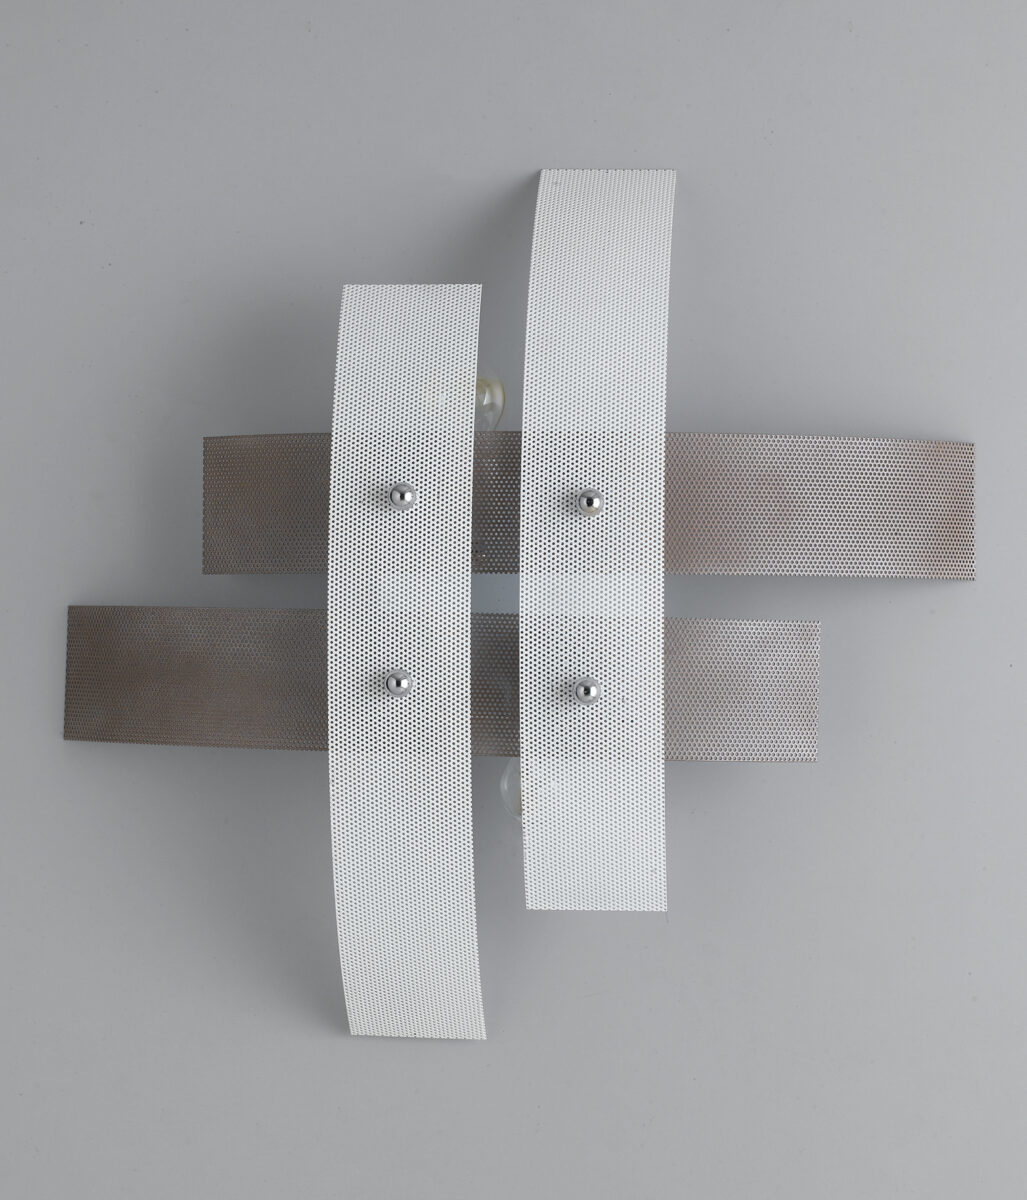 Lampadario Moderno 6 Luci Avorio Tortora Archivi - La Luce del Futuro